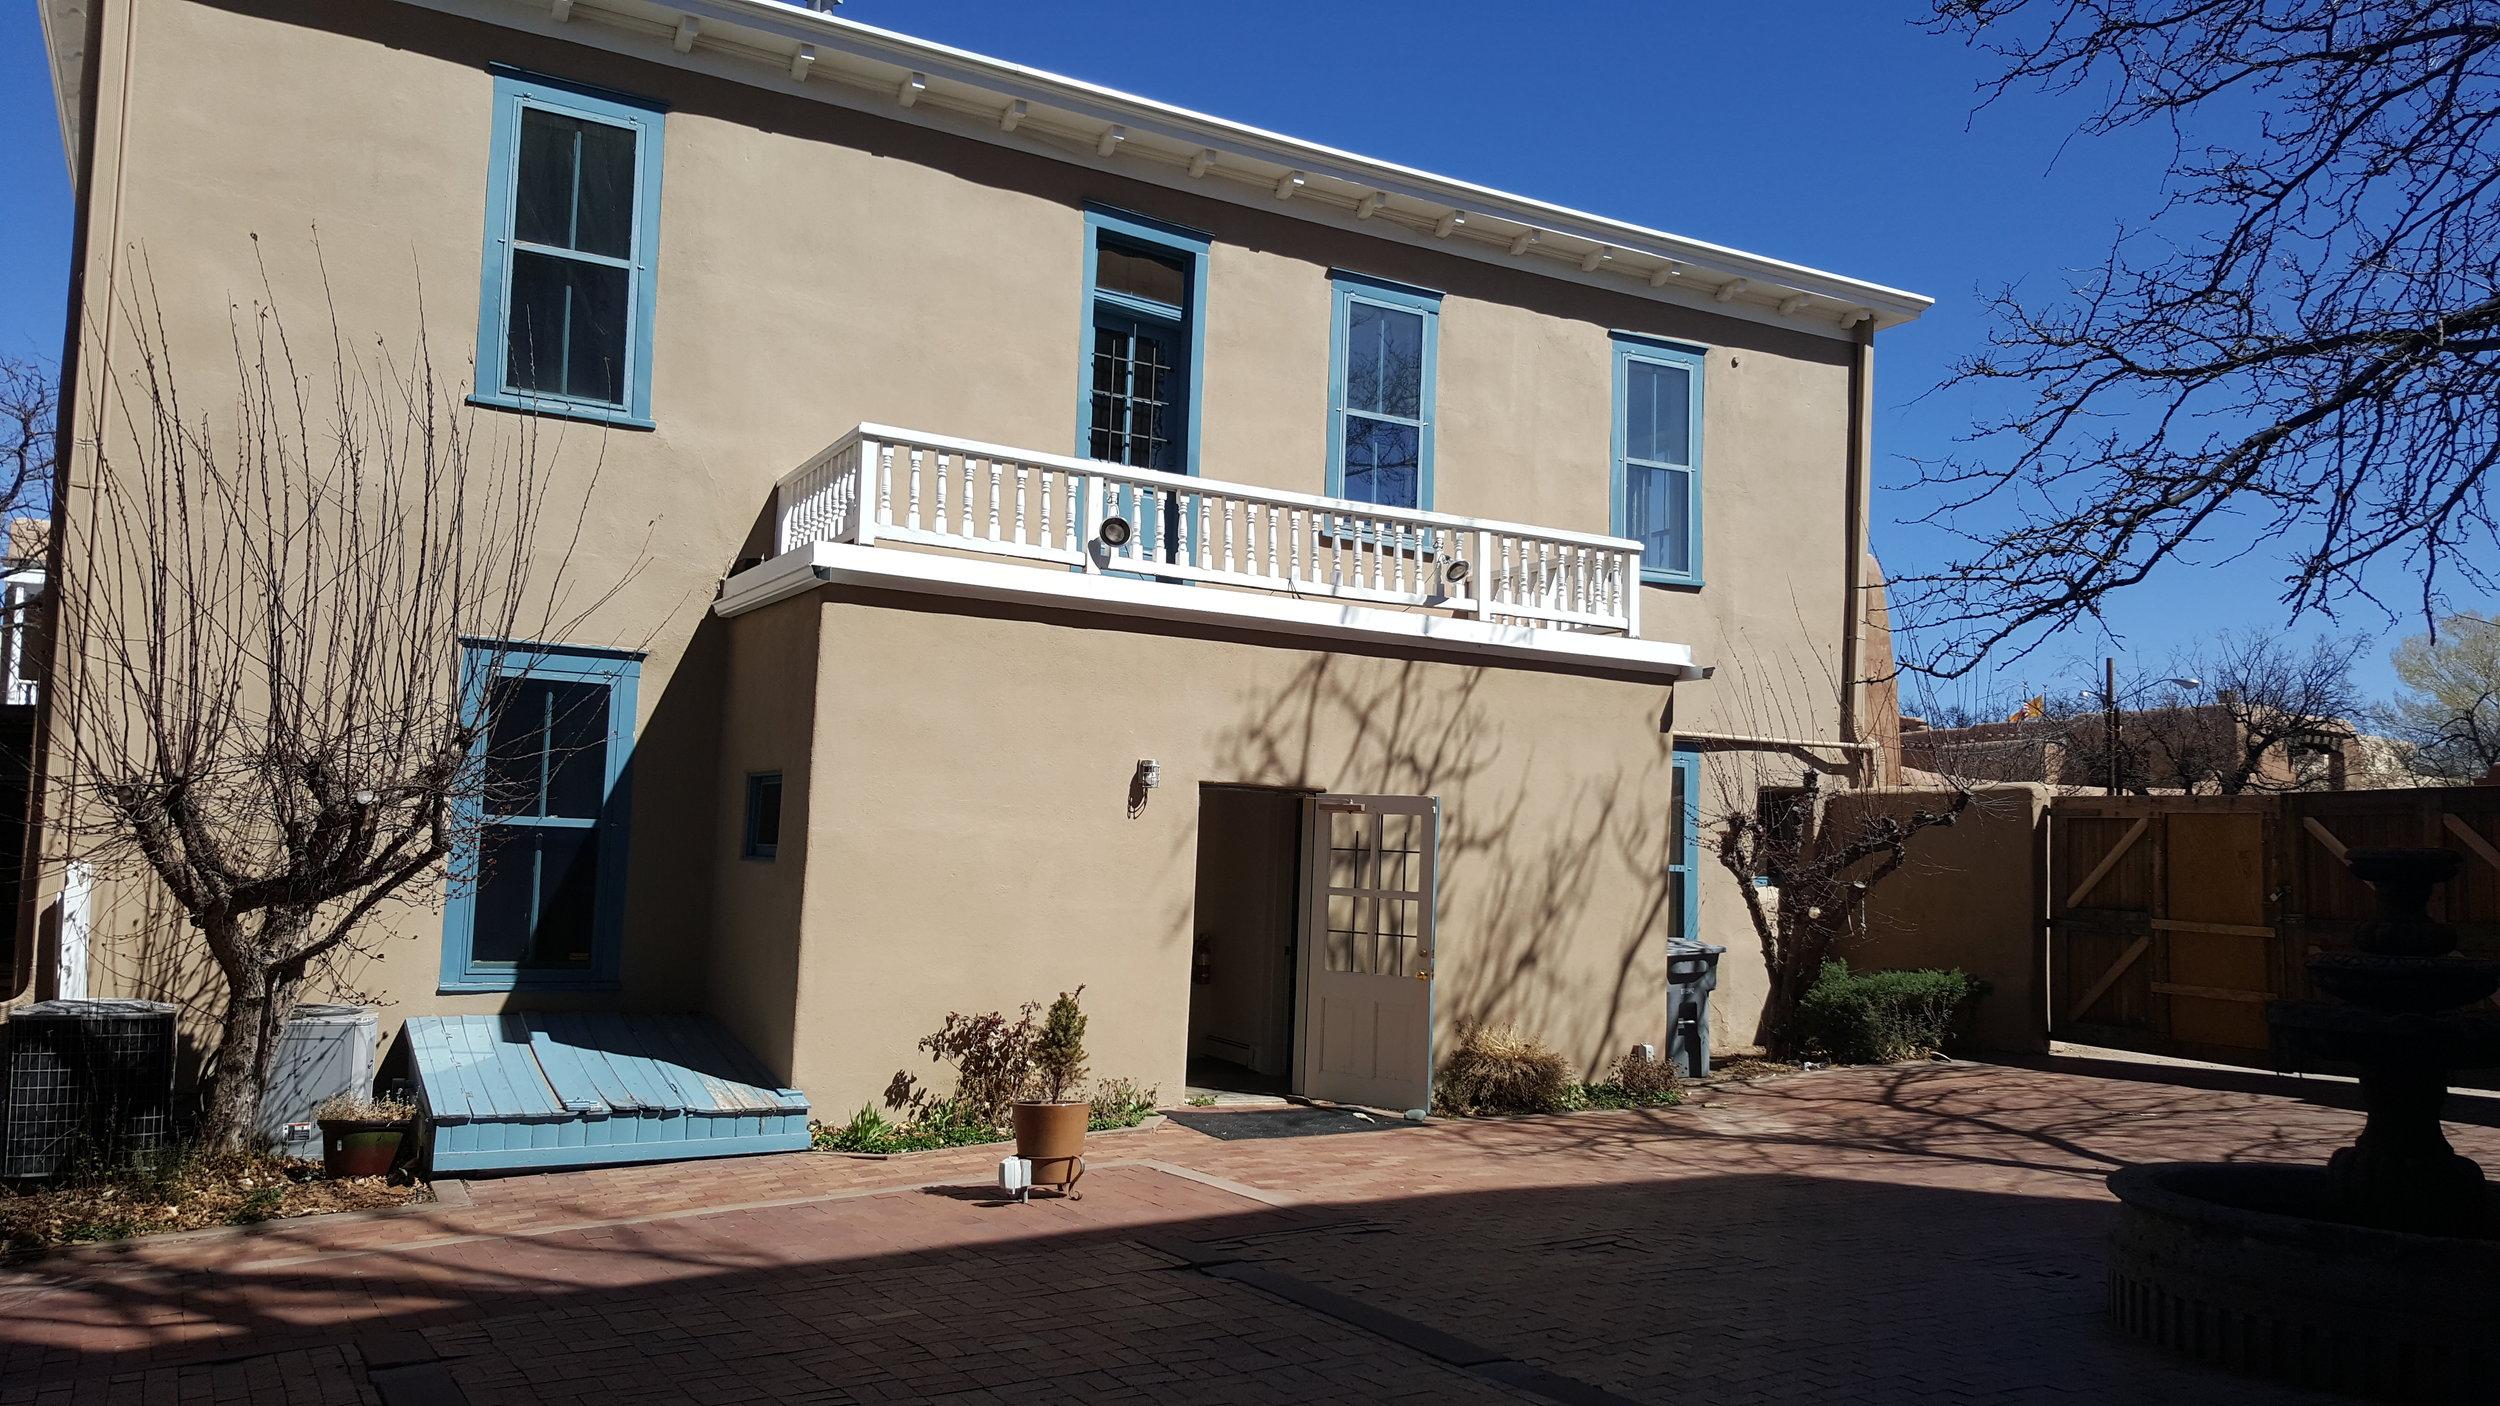 Felipe B. Delgado House